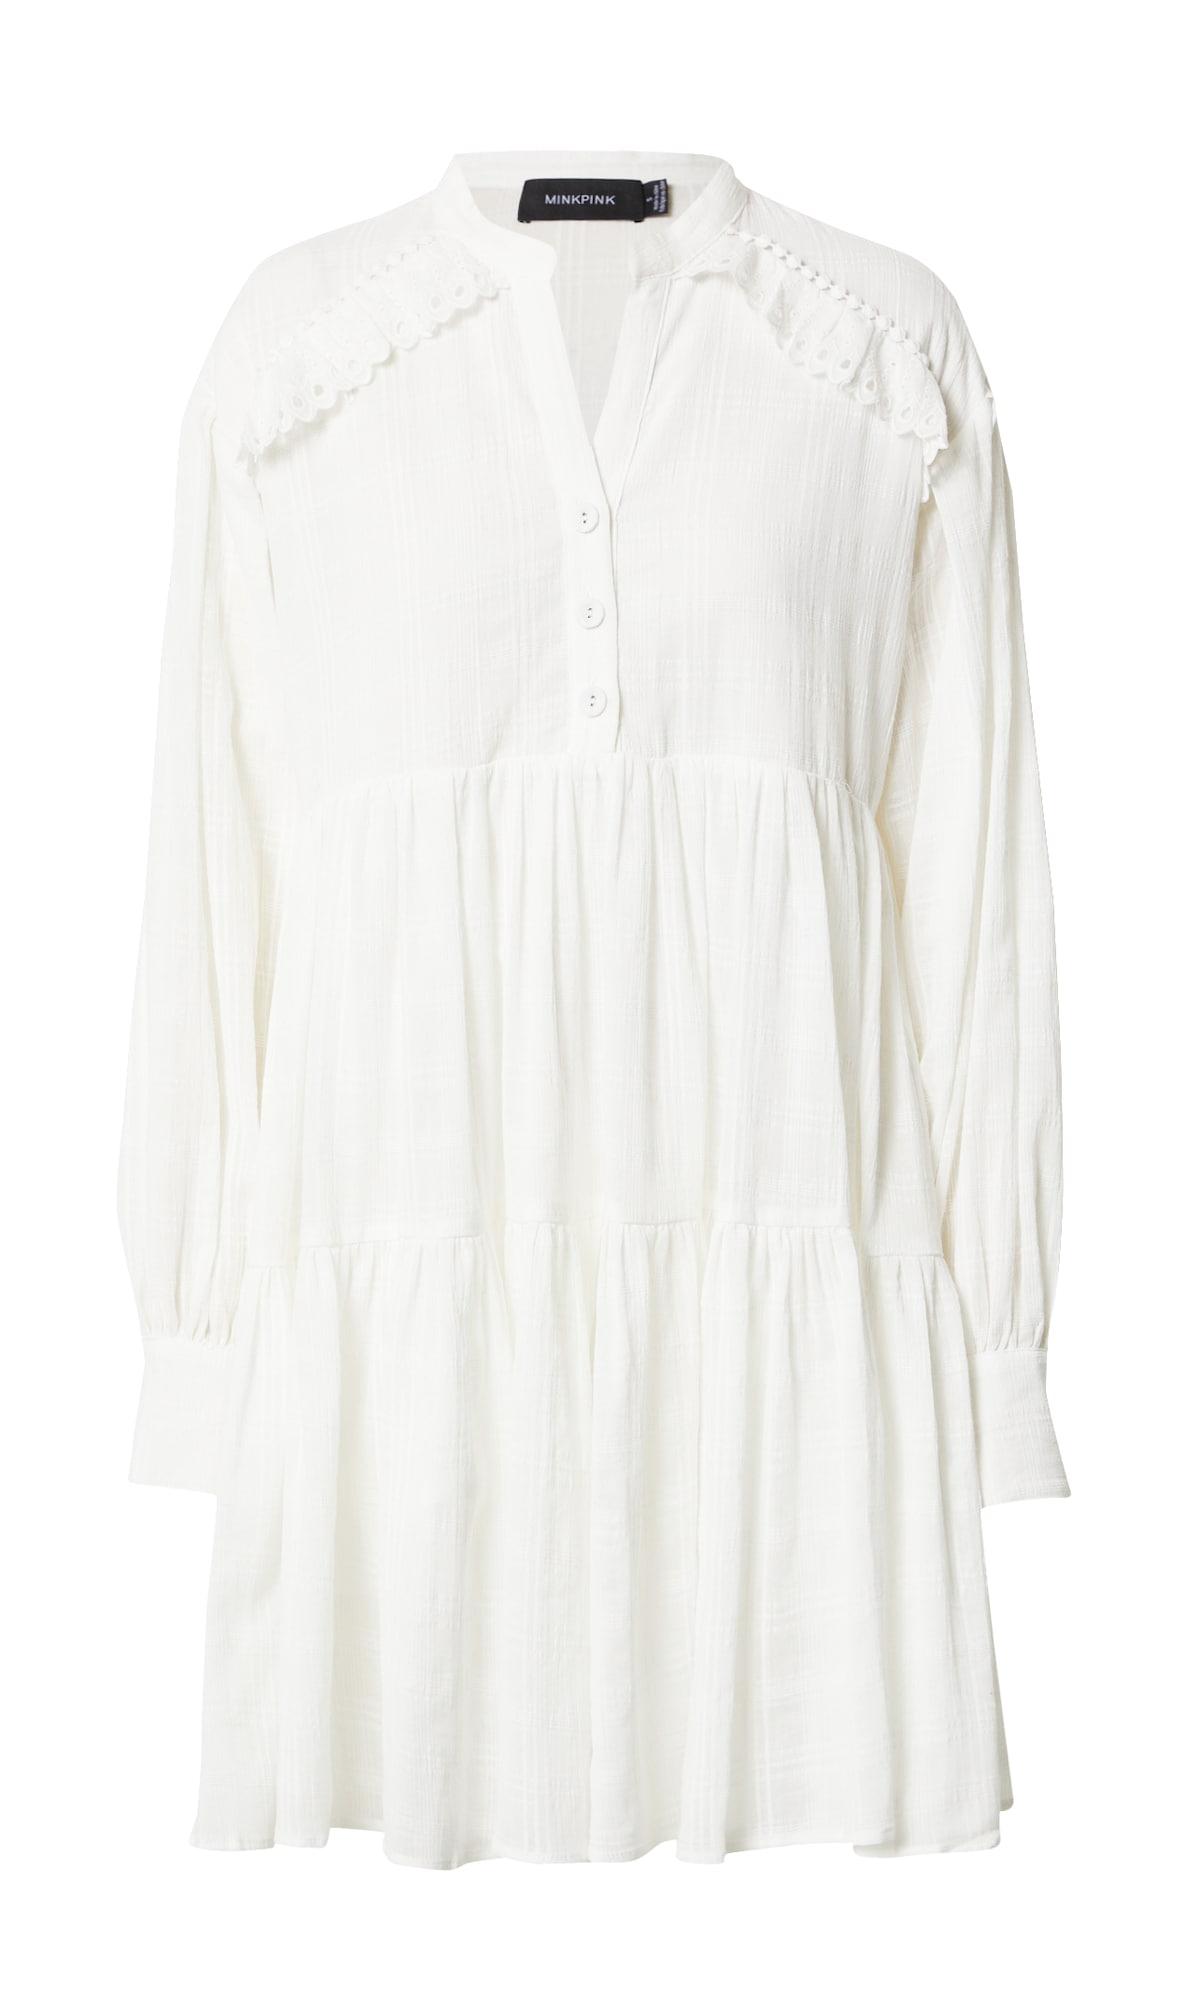 MINKPINK Palaidinės tipo suknelė